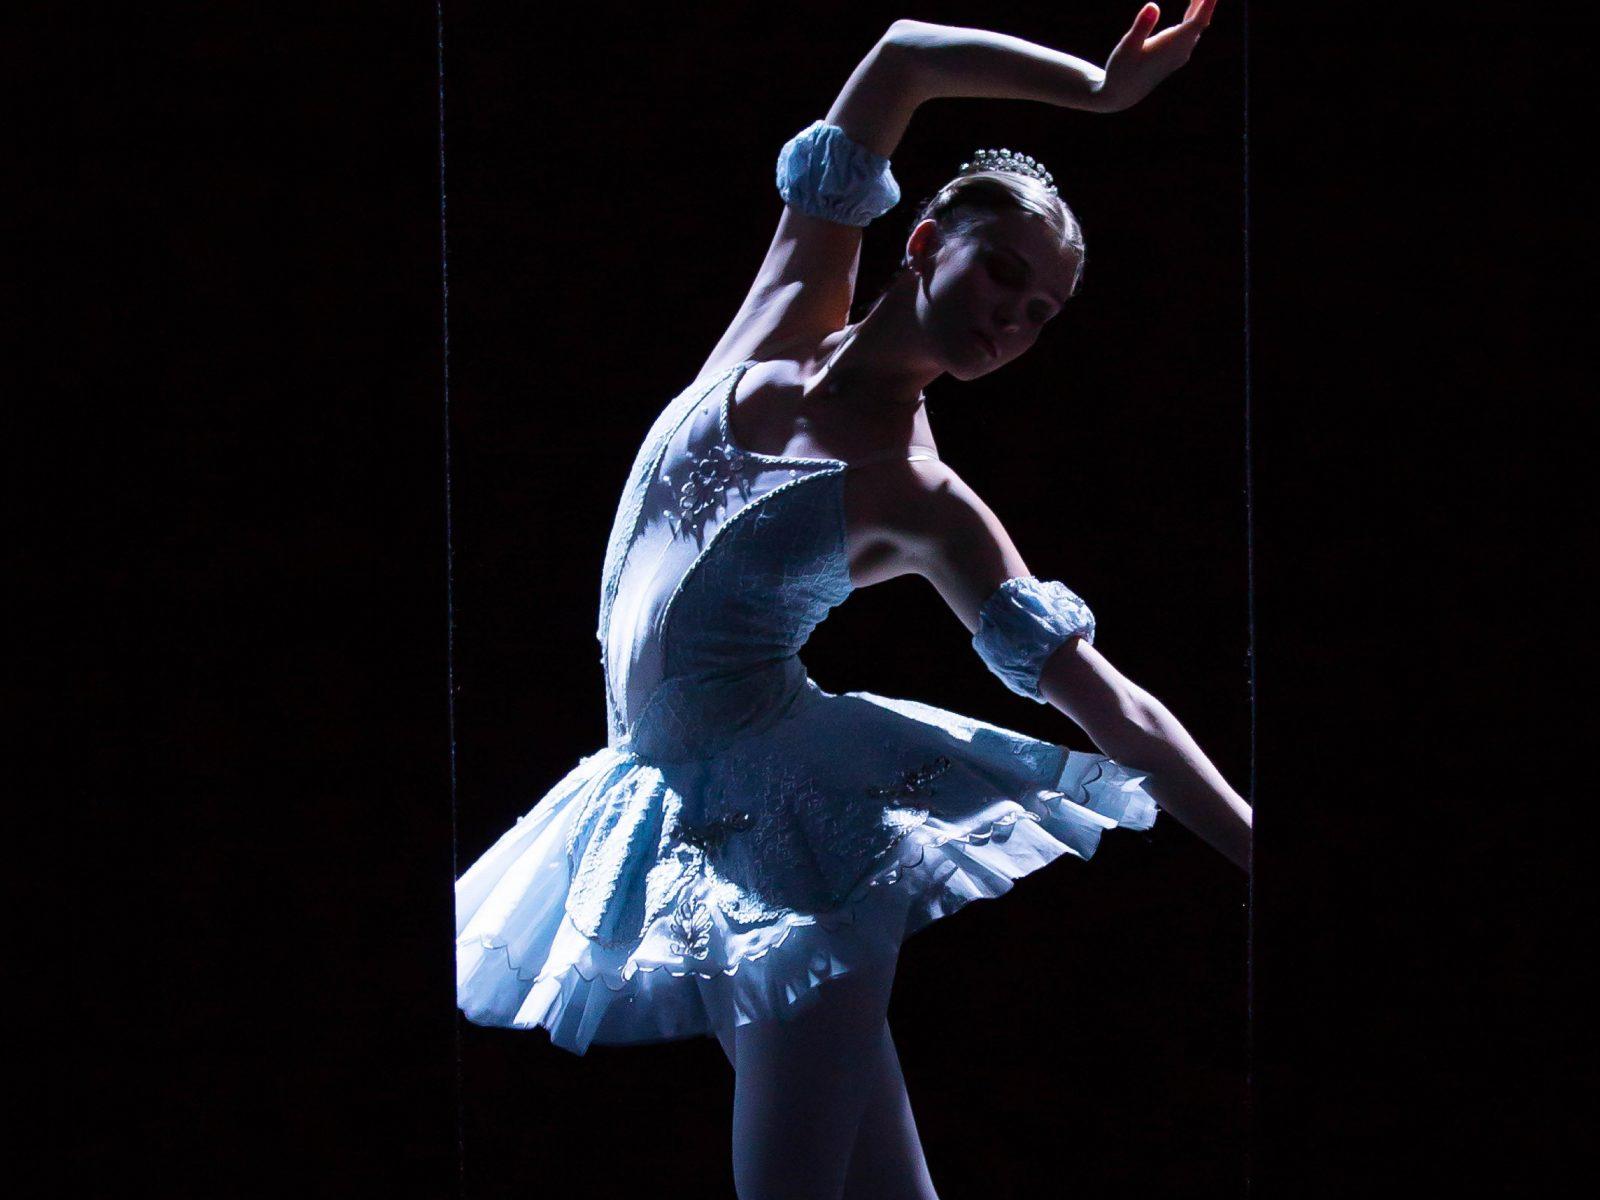 Elegant ballet dancer in blue tutu